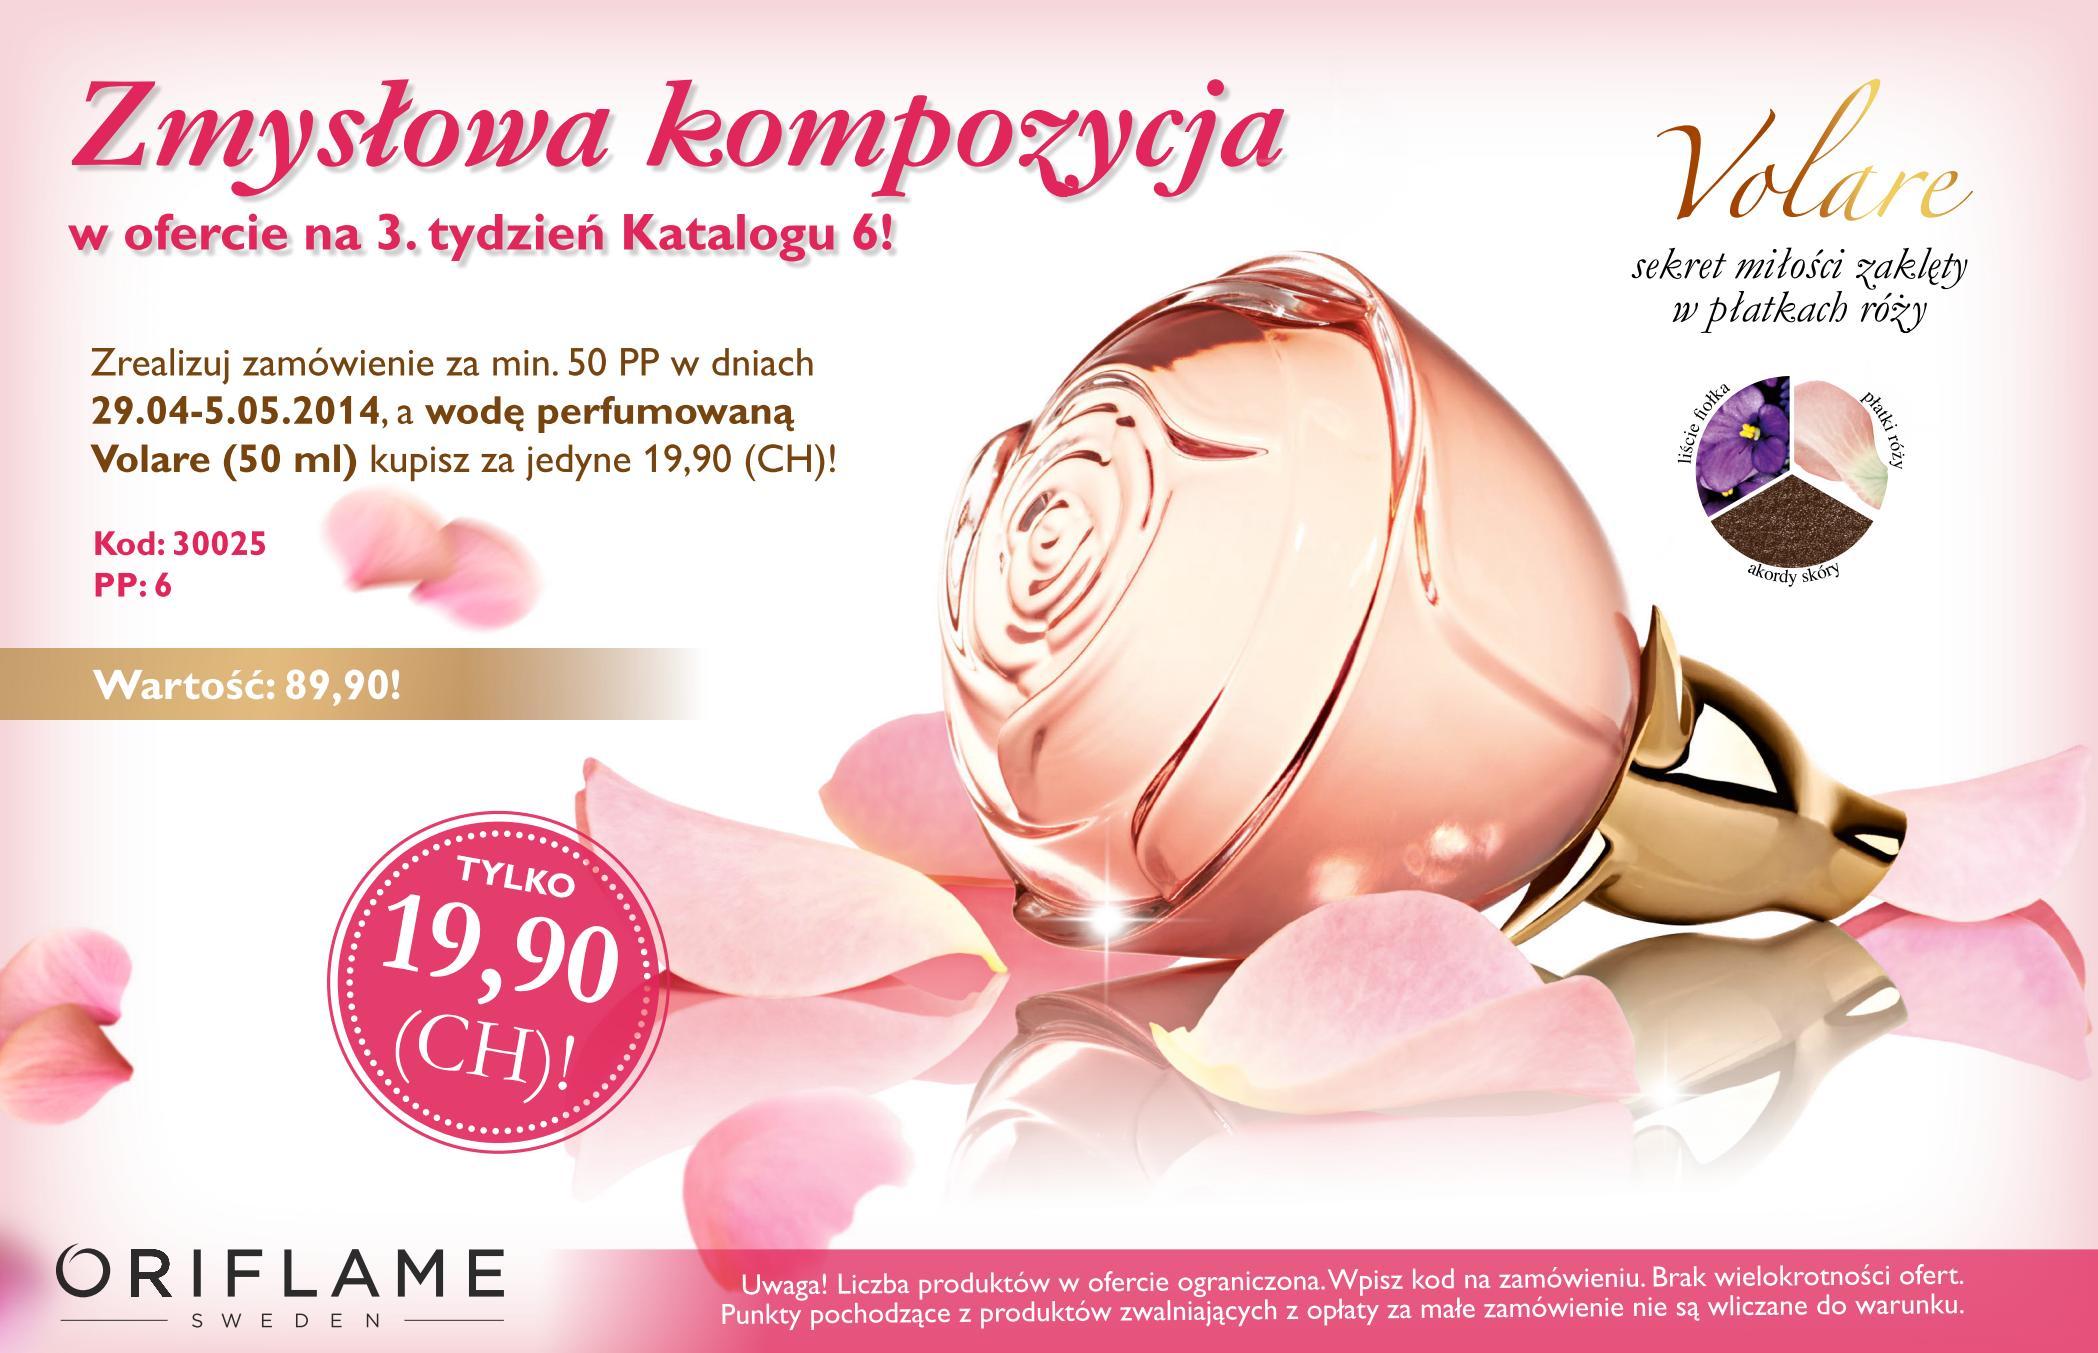 Katalog Oriflame 6 2014 oferta na 3 tydzień